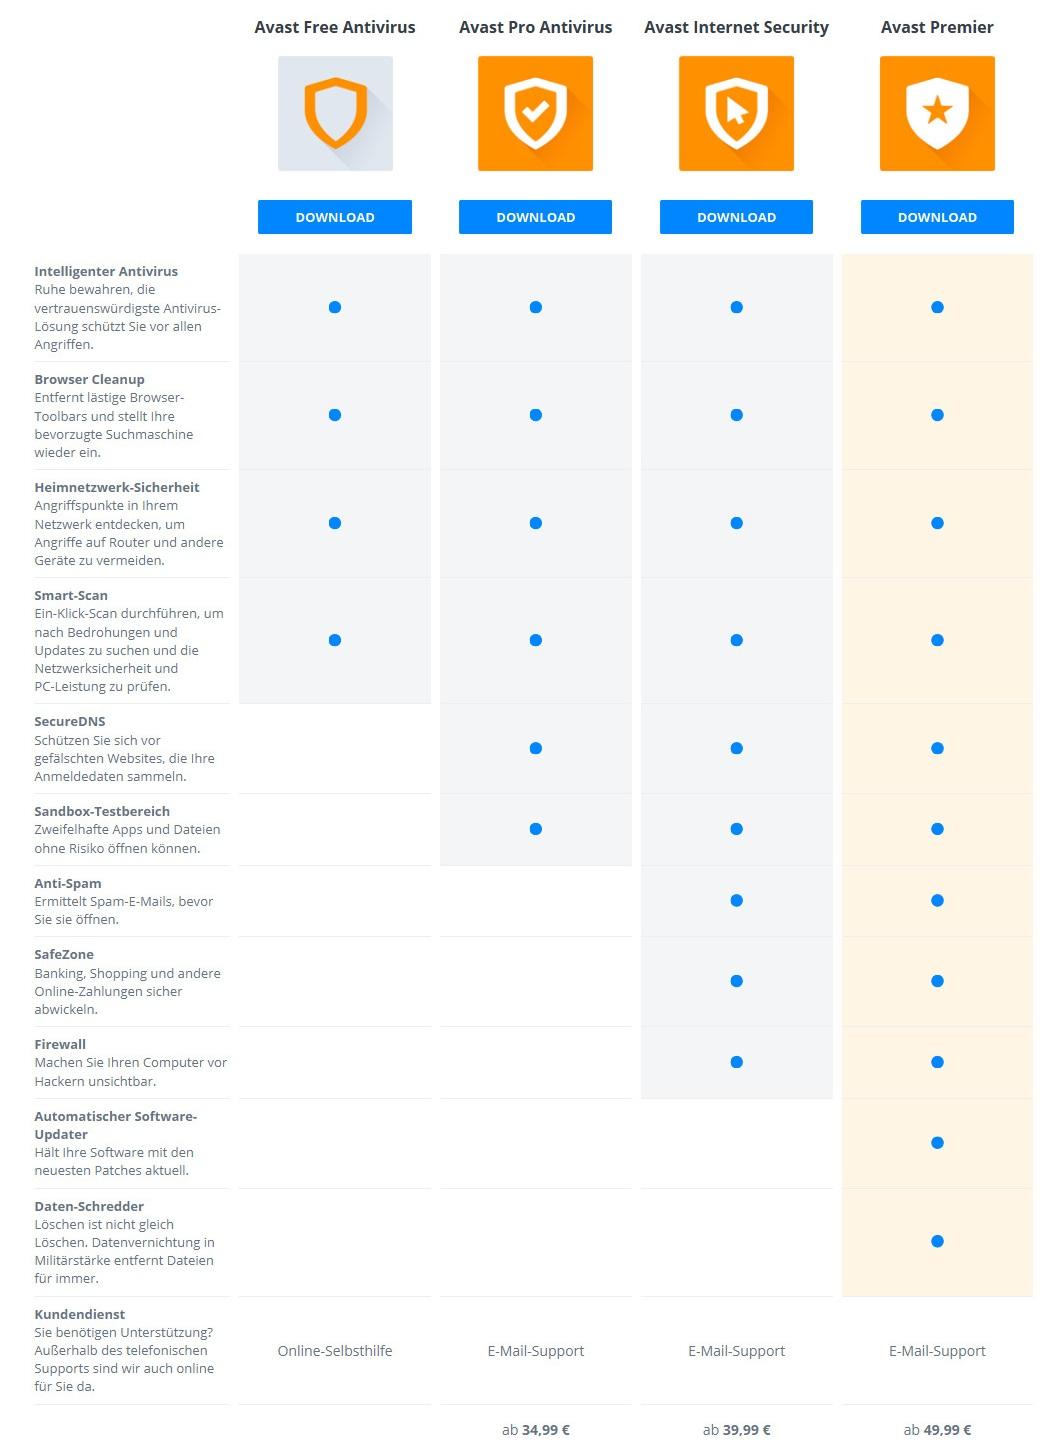 Avast 2015: Vergleich der unterschiedlichen Produkte (Screenshot: ZDNet.de)